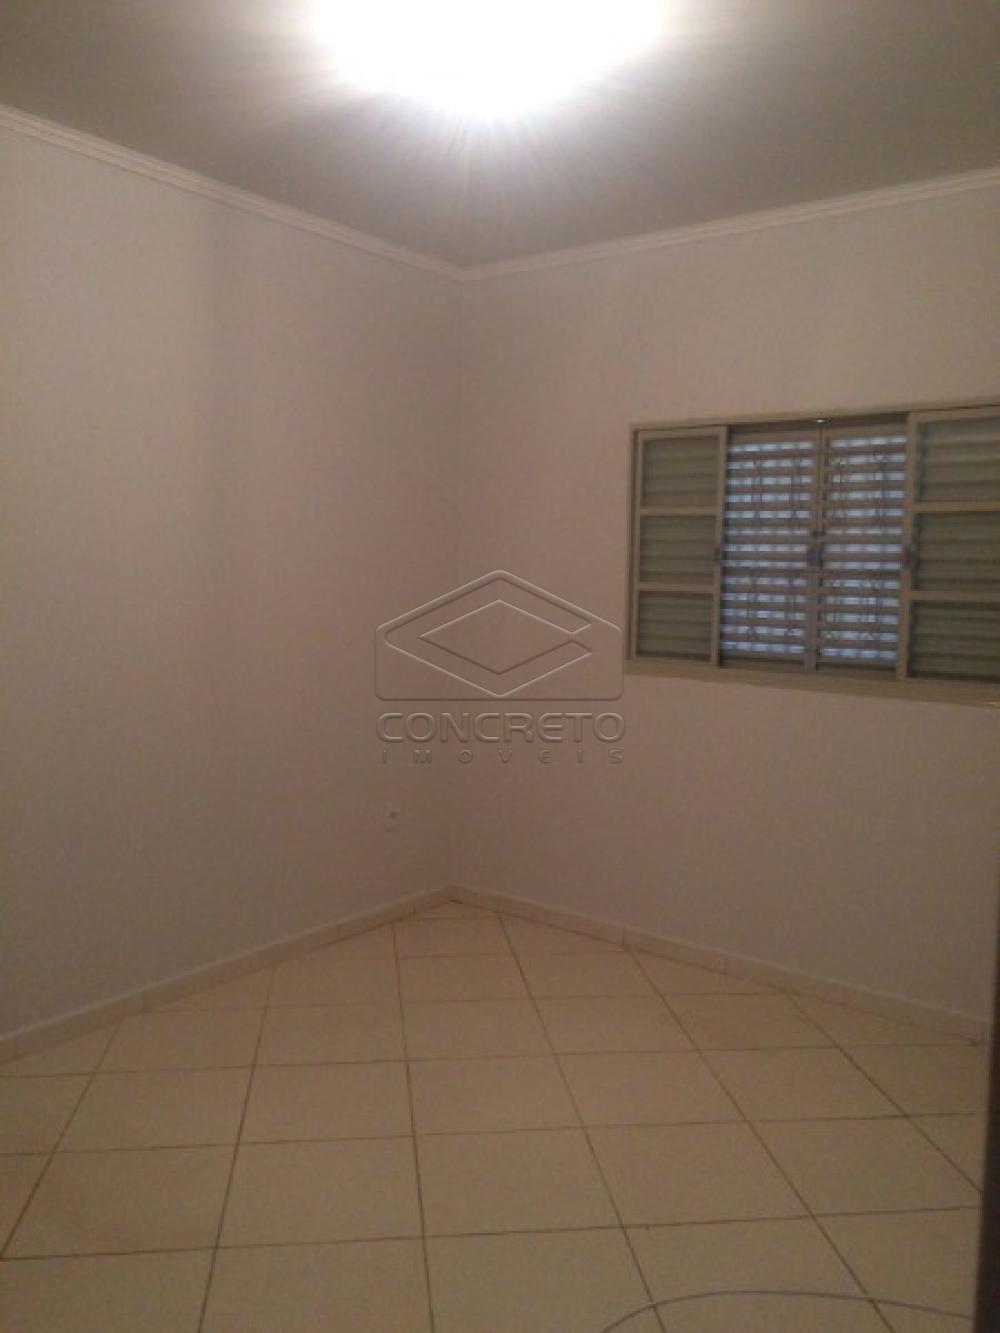 Comprar Casa / Padrão em Botucatu apenas R$ 210.000,00 - Foto 9